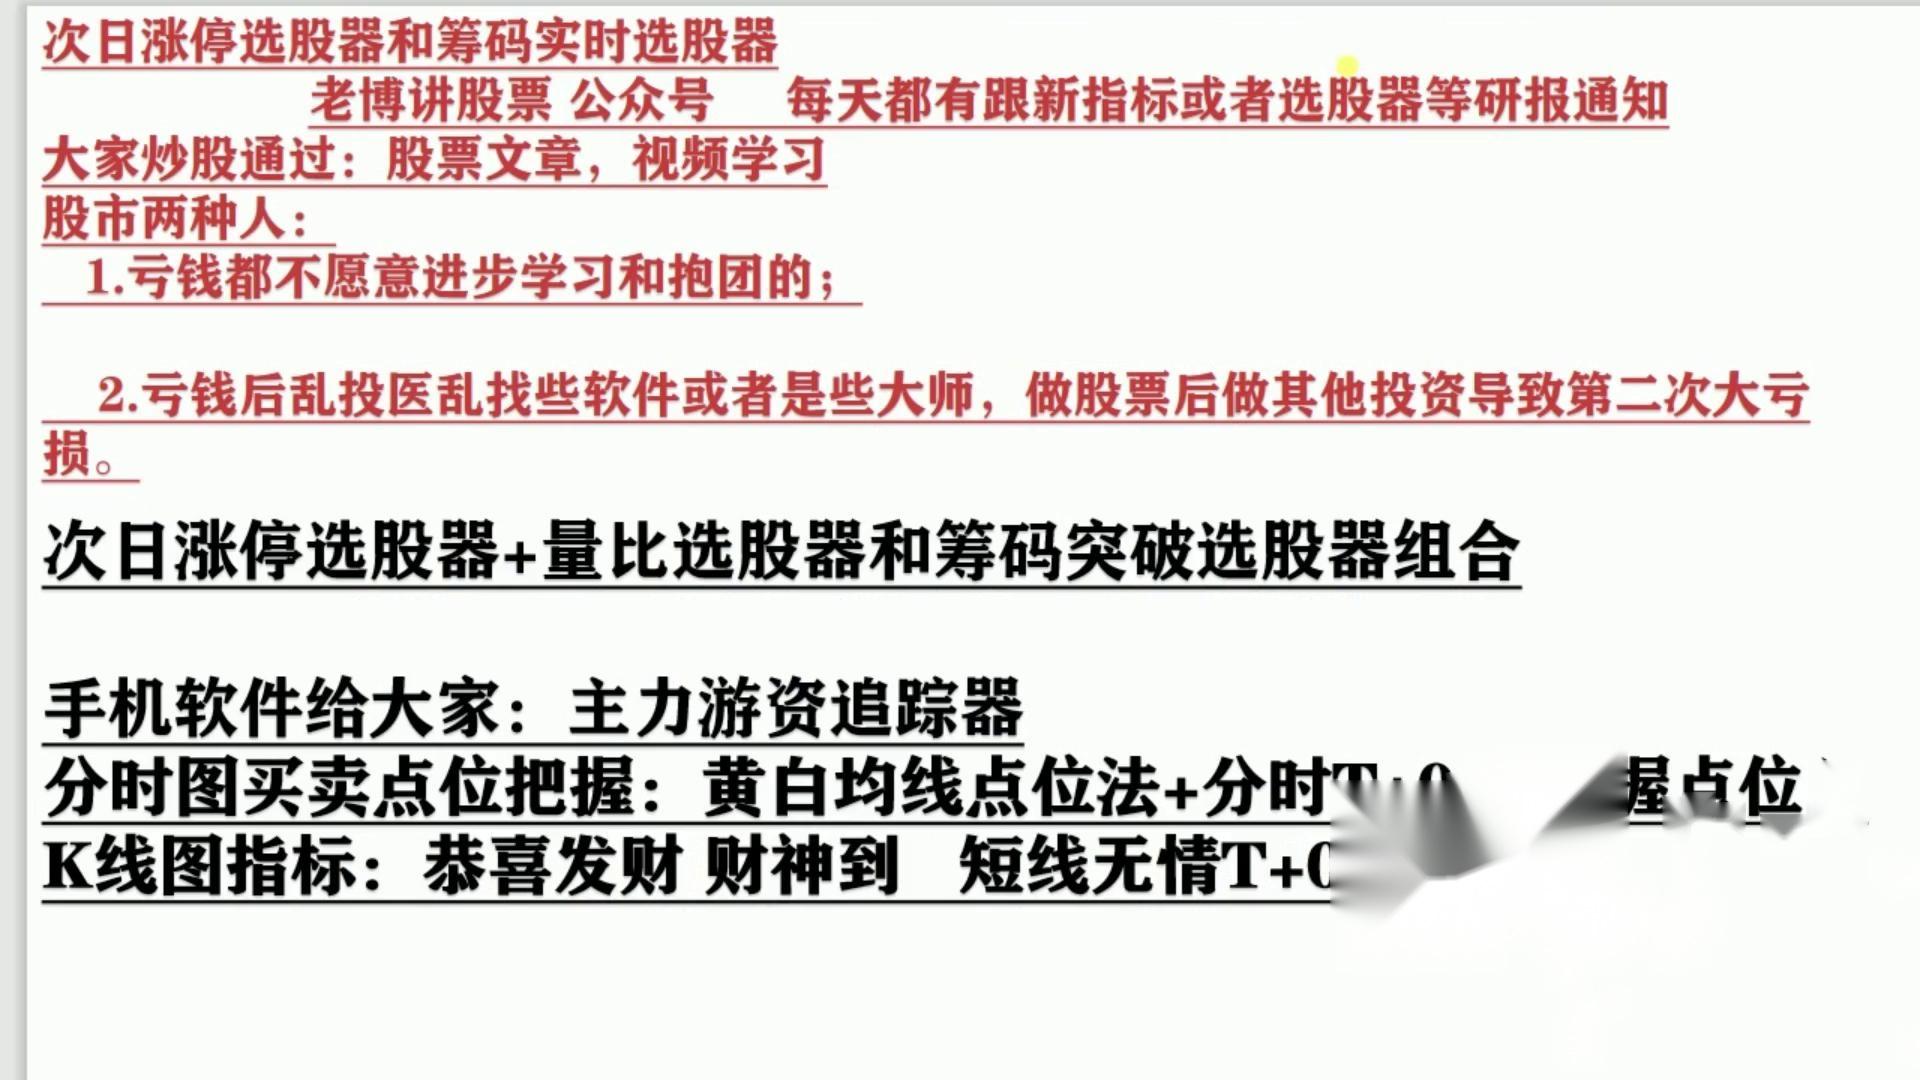 炒股-股票妖股检测仪次日涨停爆赚三形态 (30)